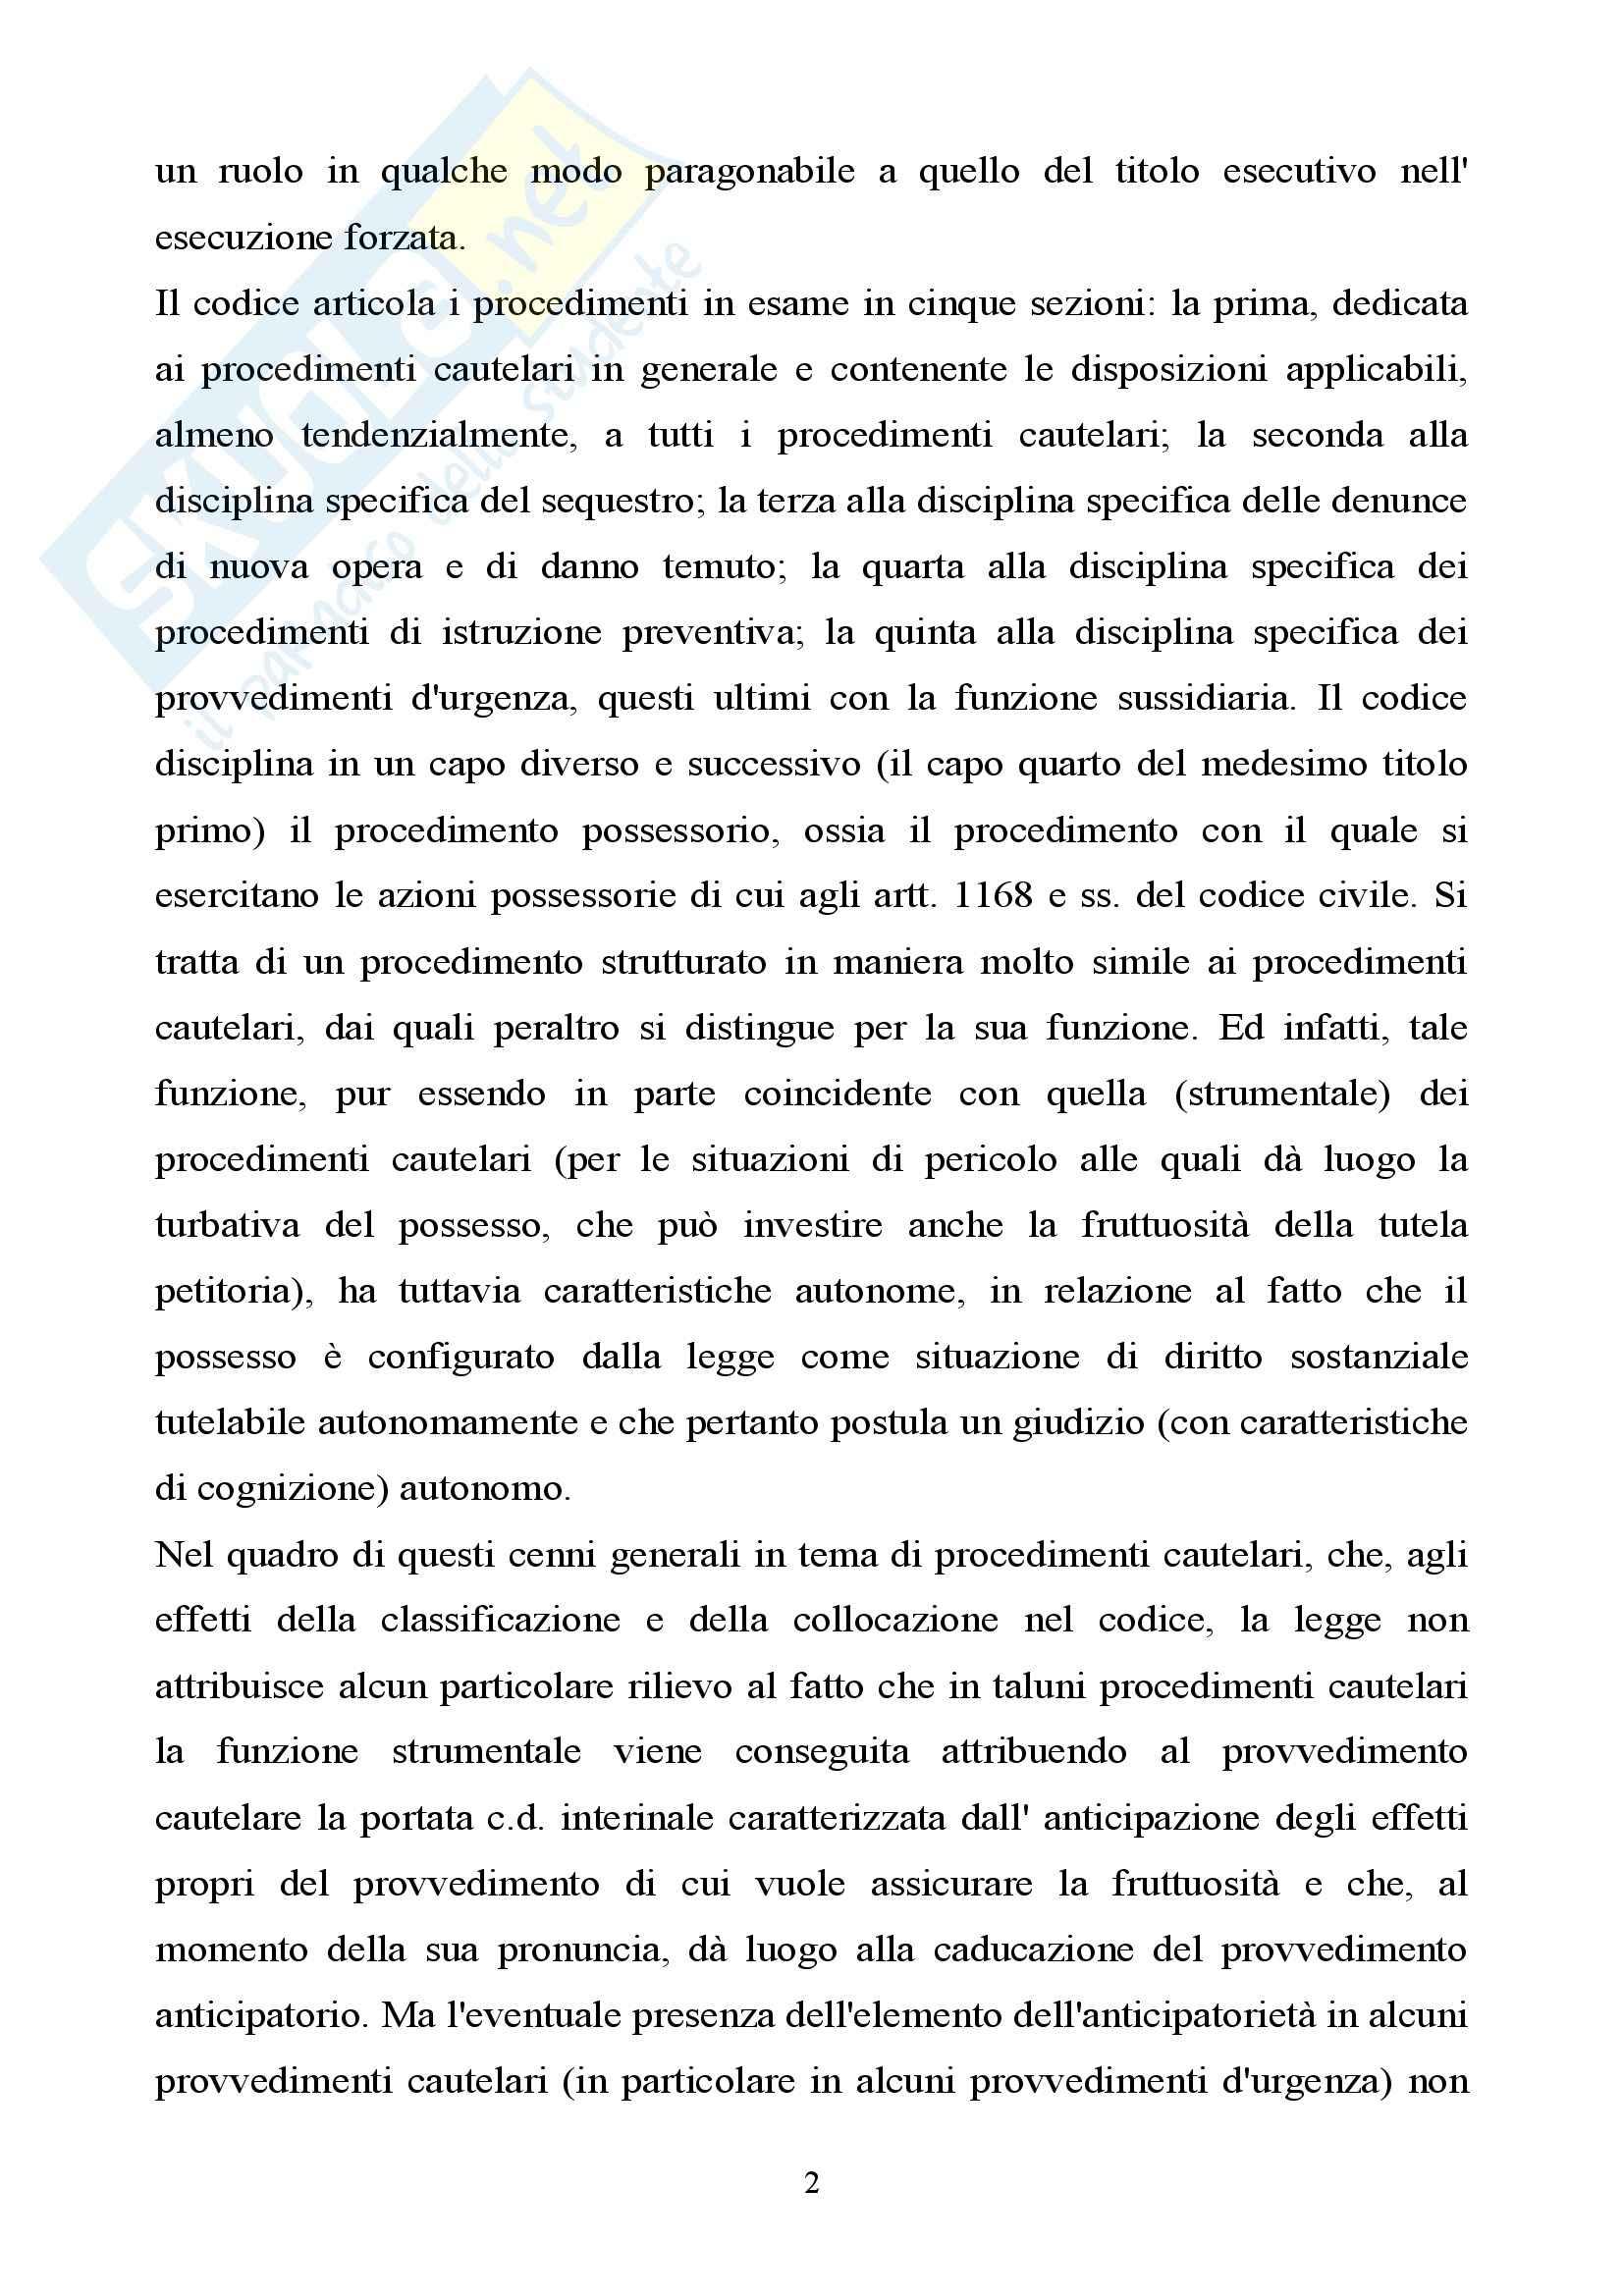 Diritto processuale civile II - procedimenti cautelari Pag. 2